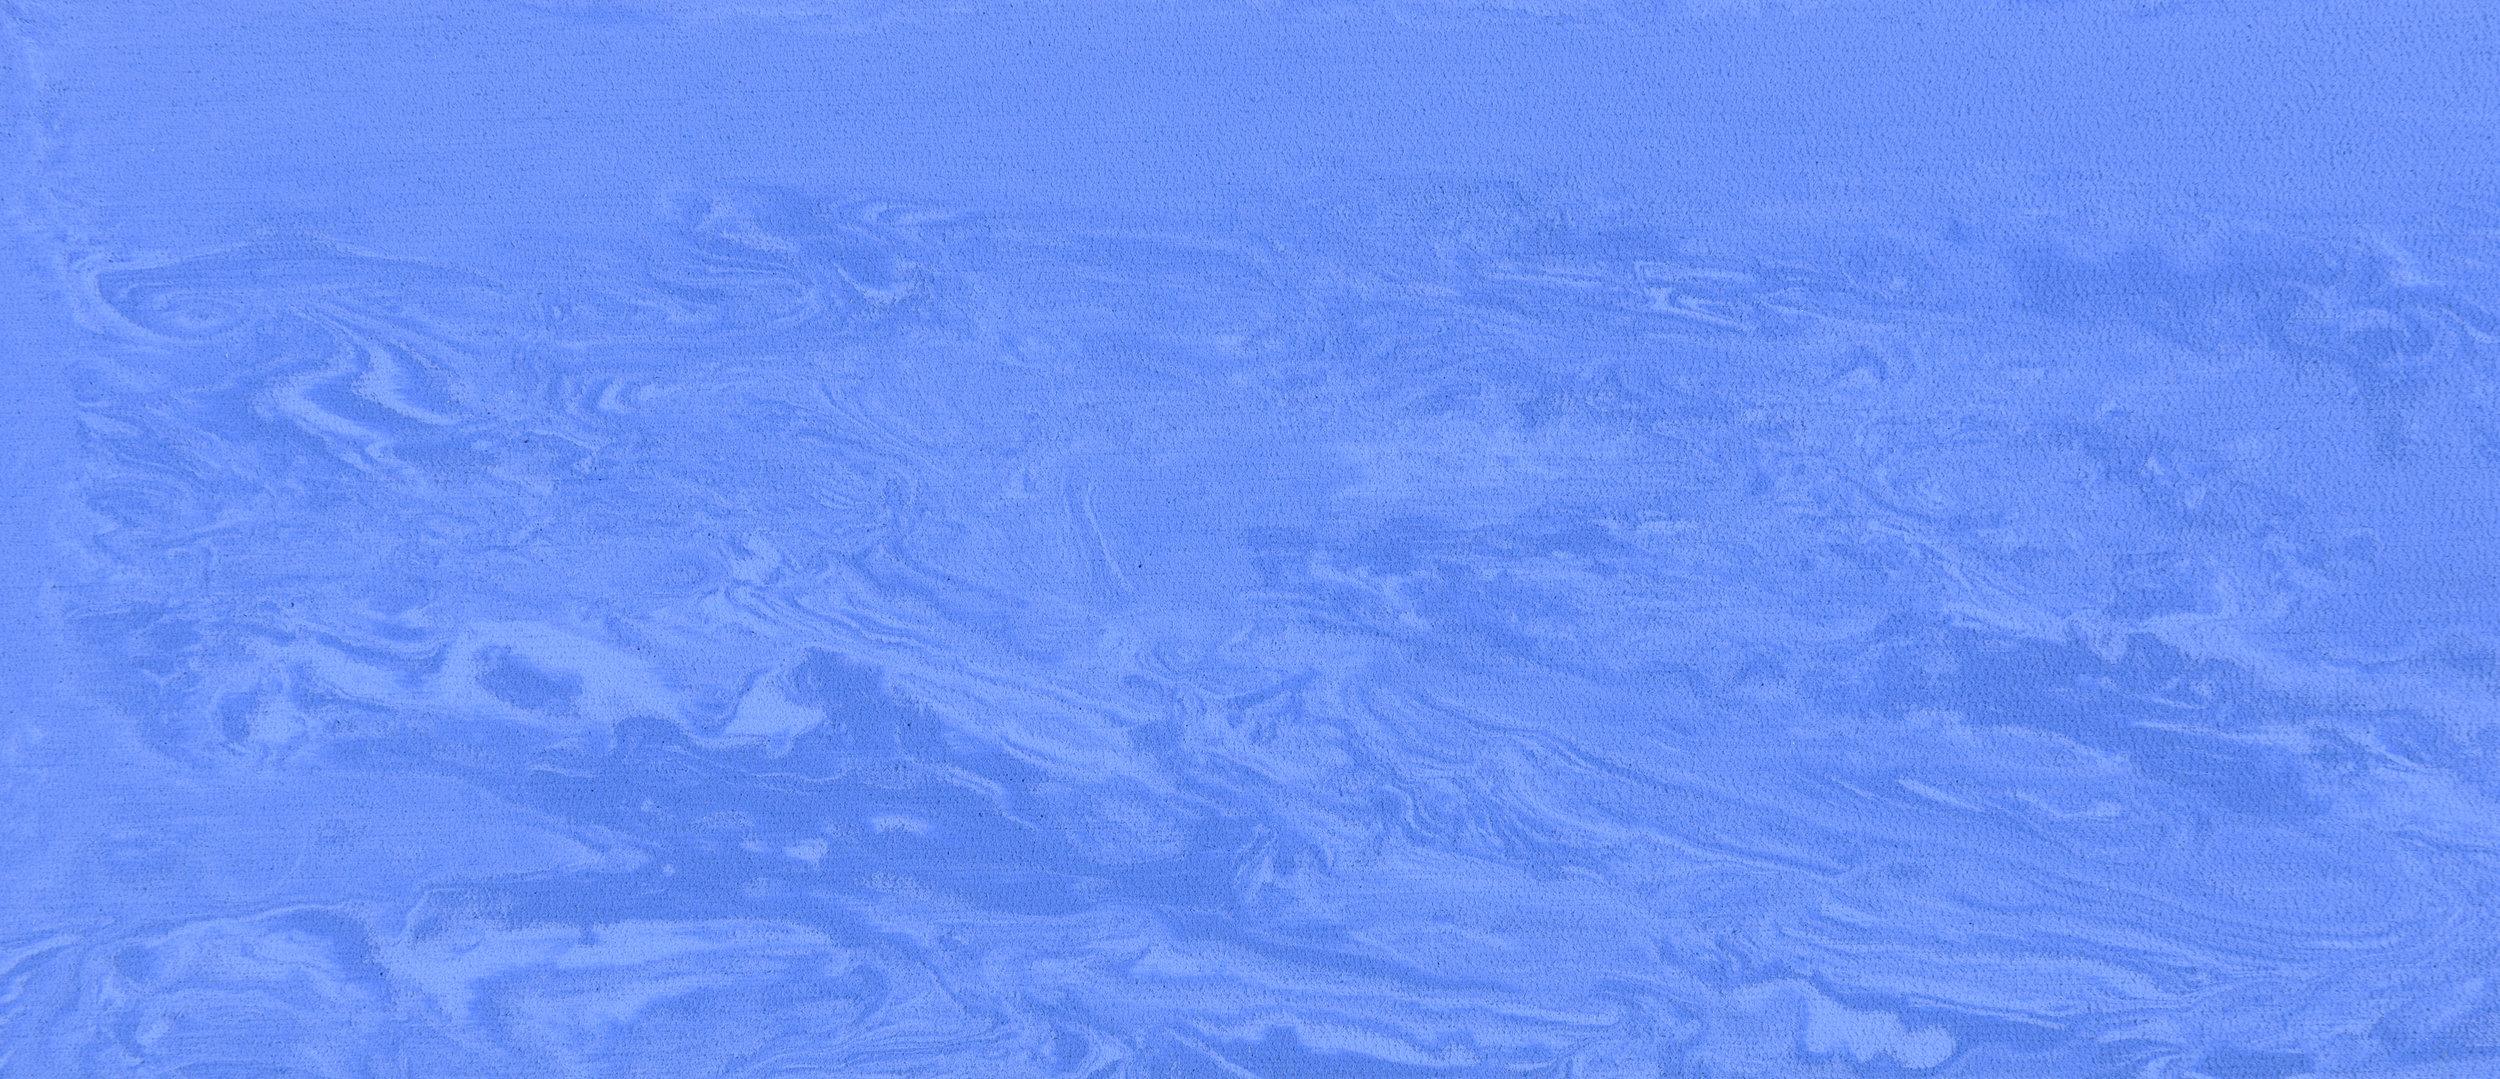 BE12_blue-lightblue.jpg